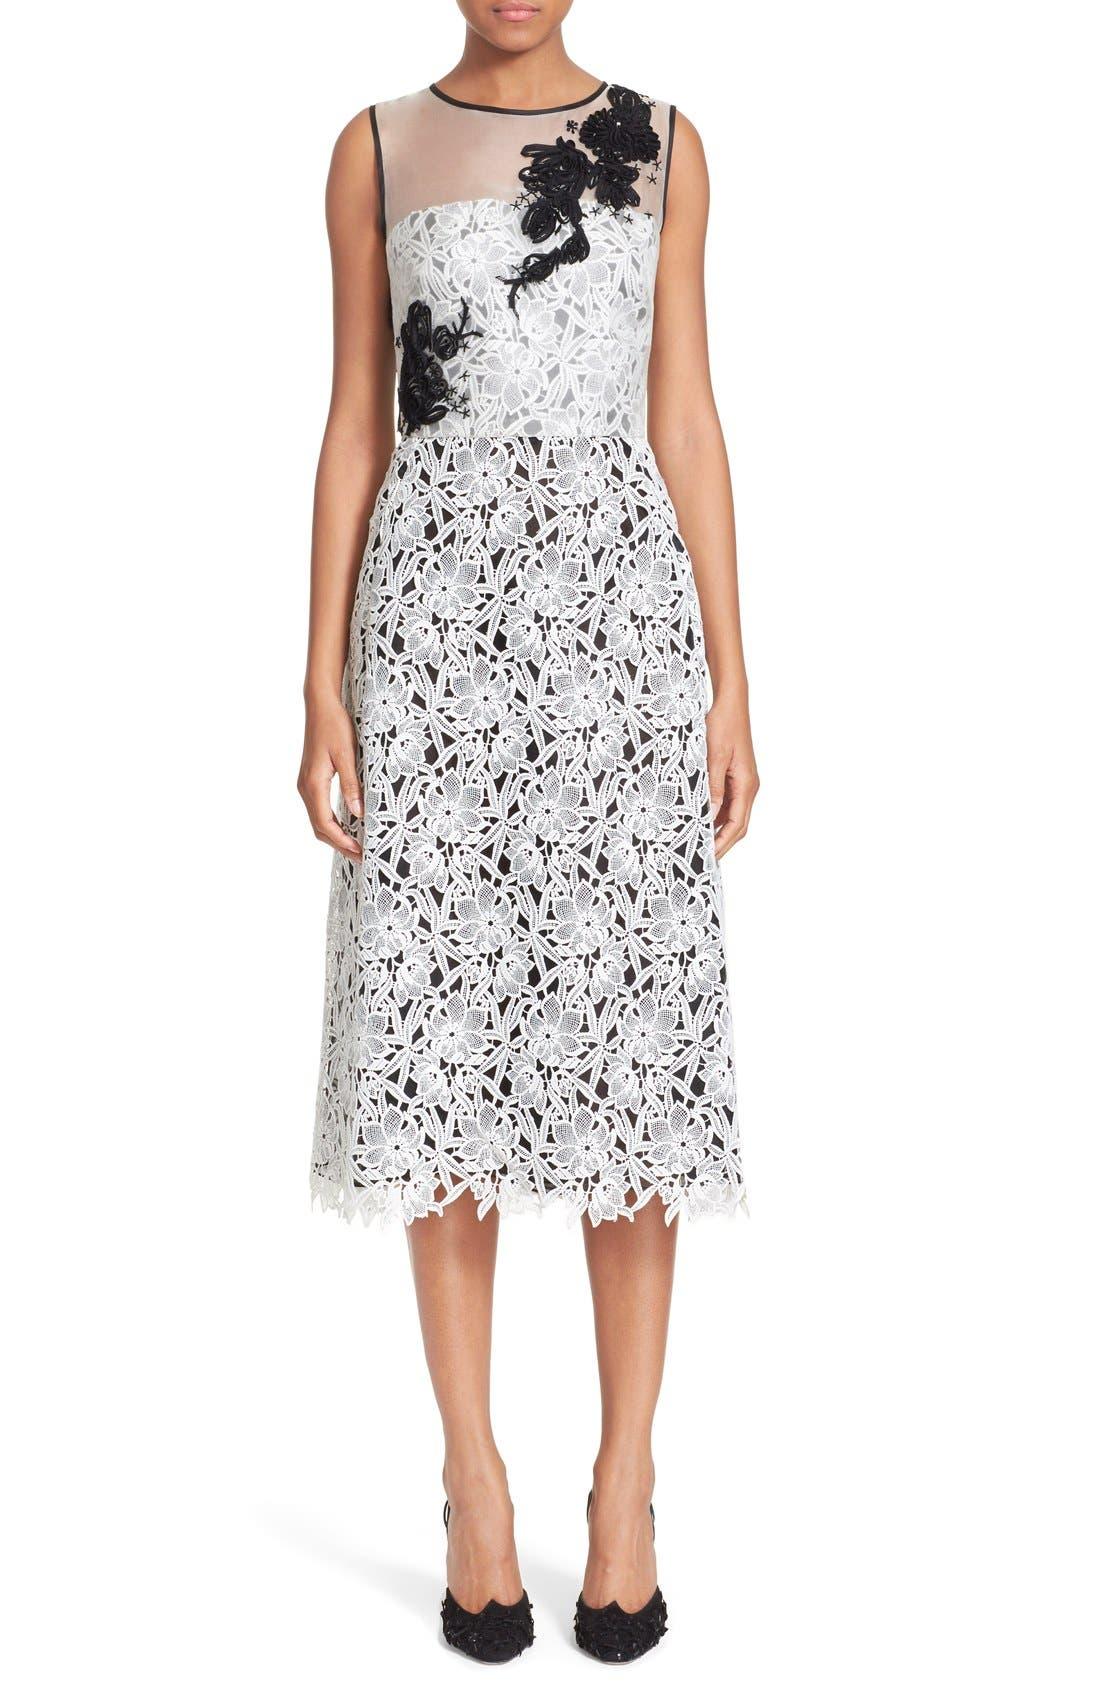 Main Image - Oscar de la Renta Embellished Floral Lace Dress